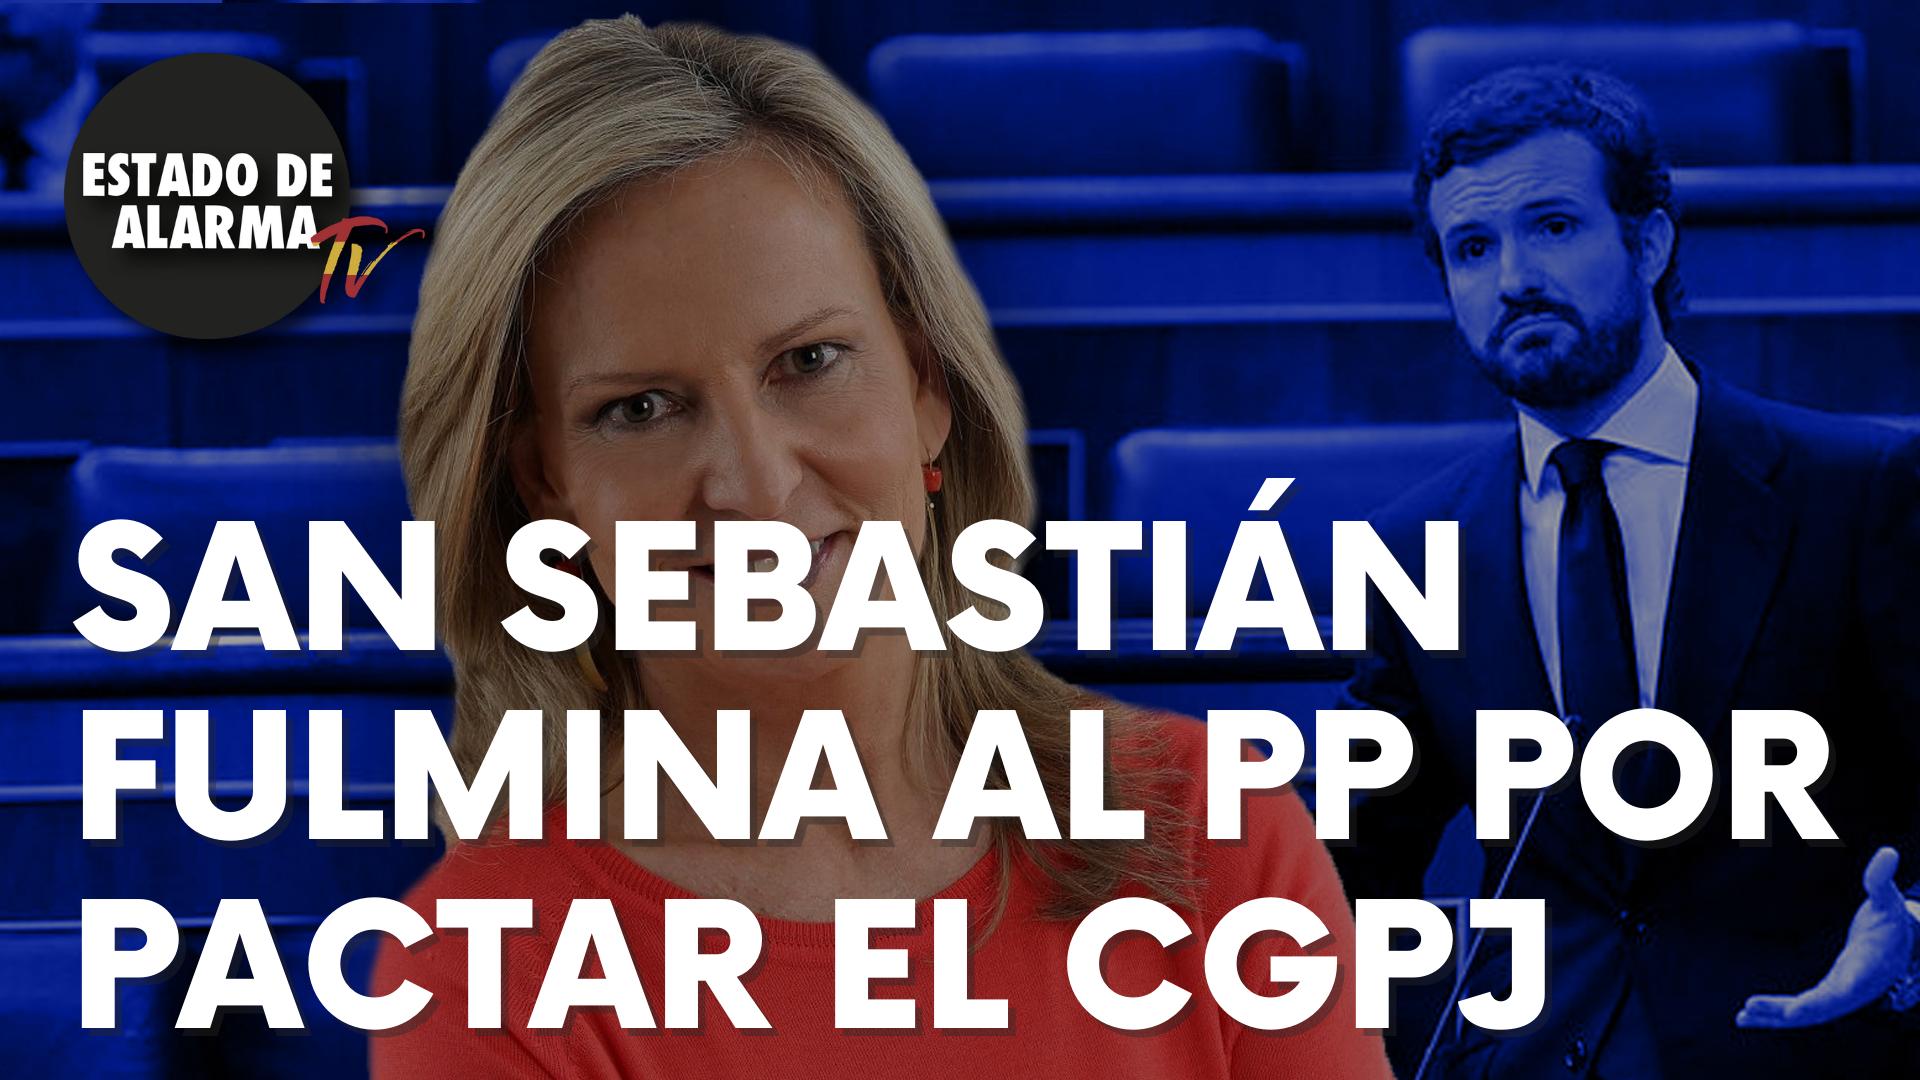 San Sebastián fulmina al PP por el pasteleo al pactar el CGPJ